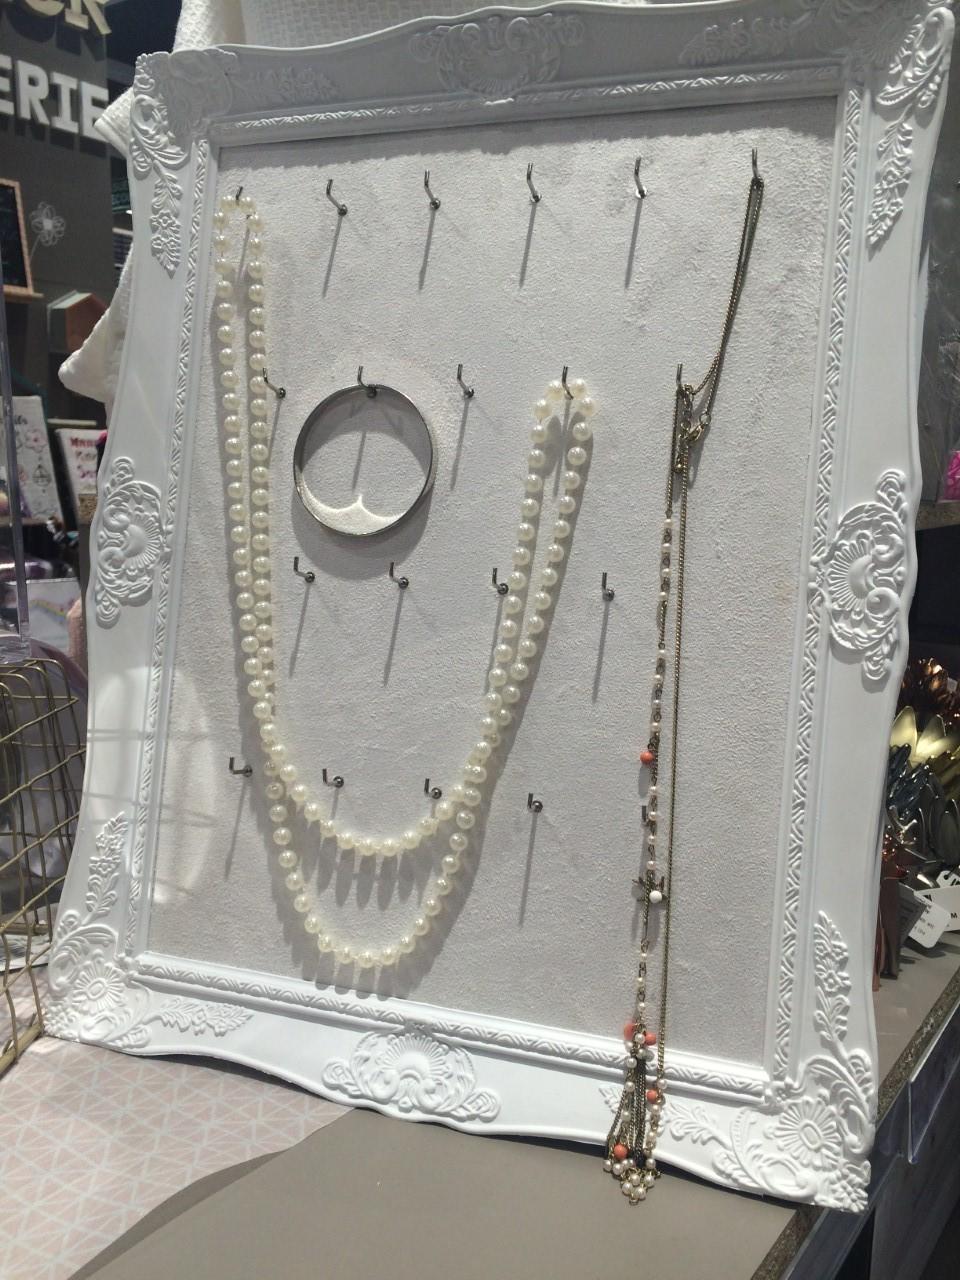 bonne fete maman : un cadre à bijoux (blog zôdio)